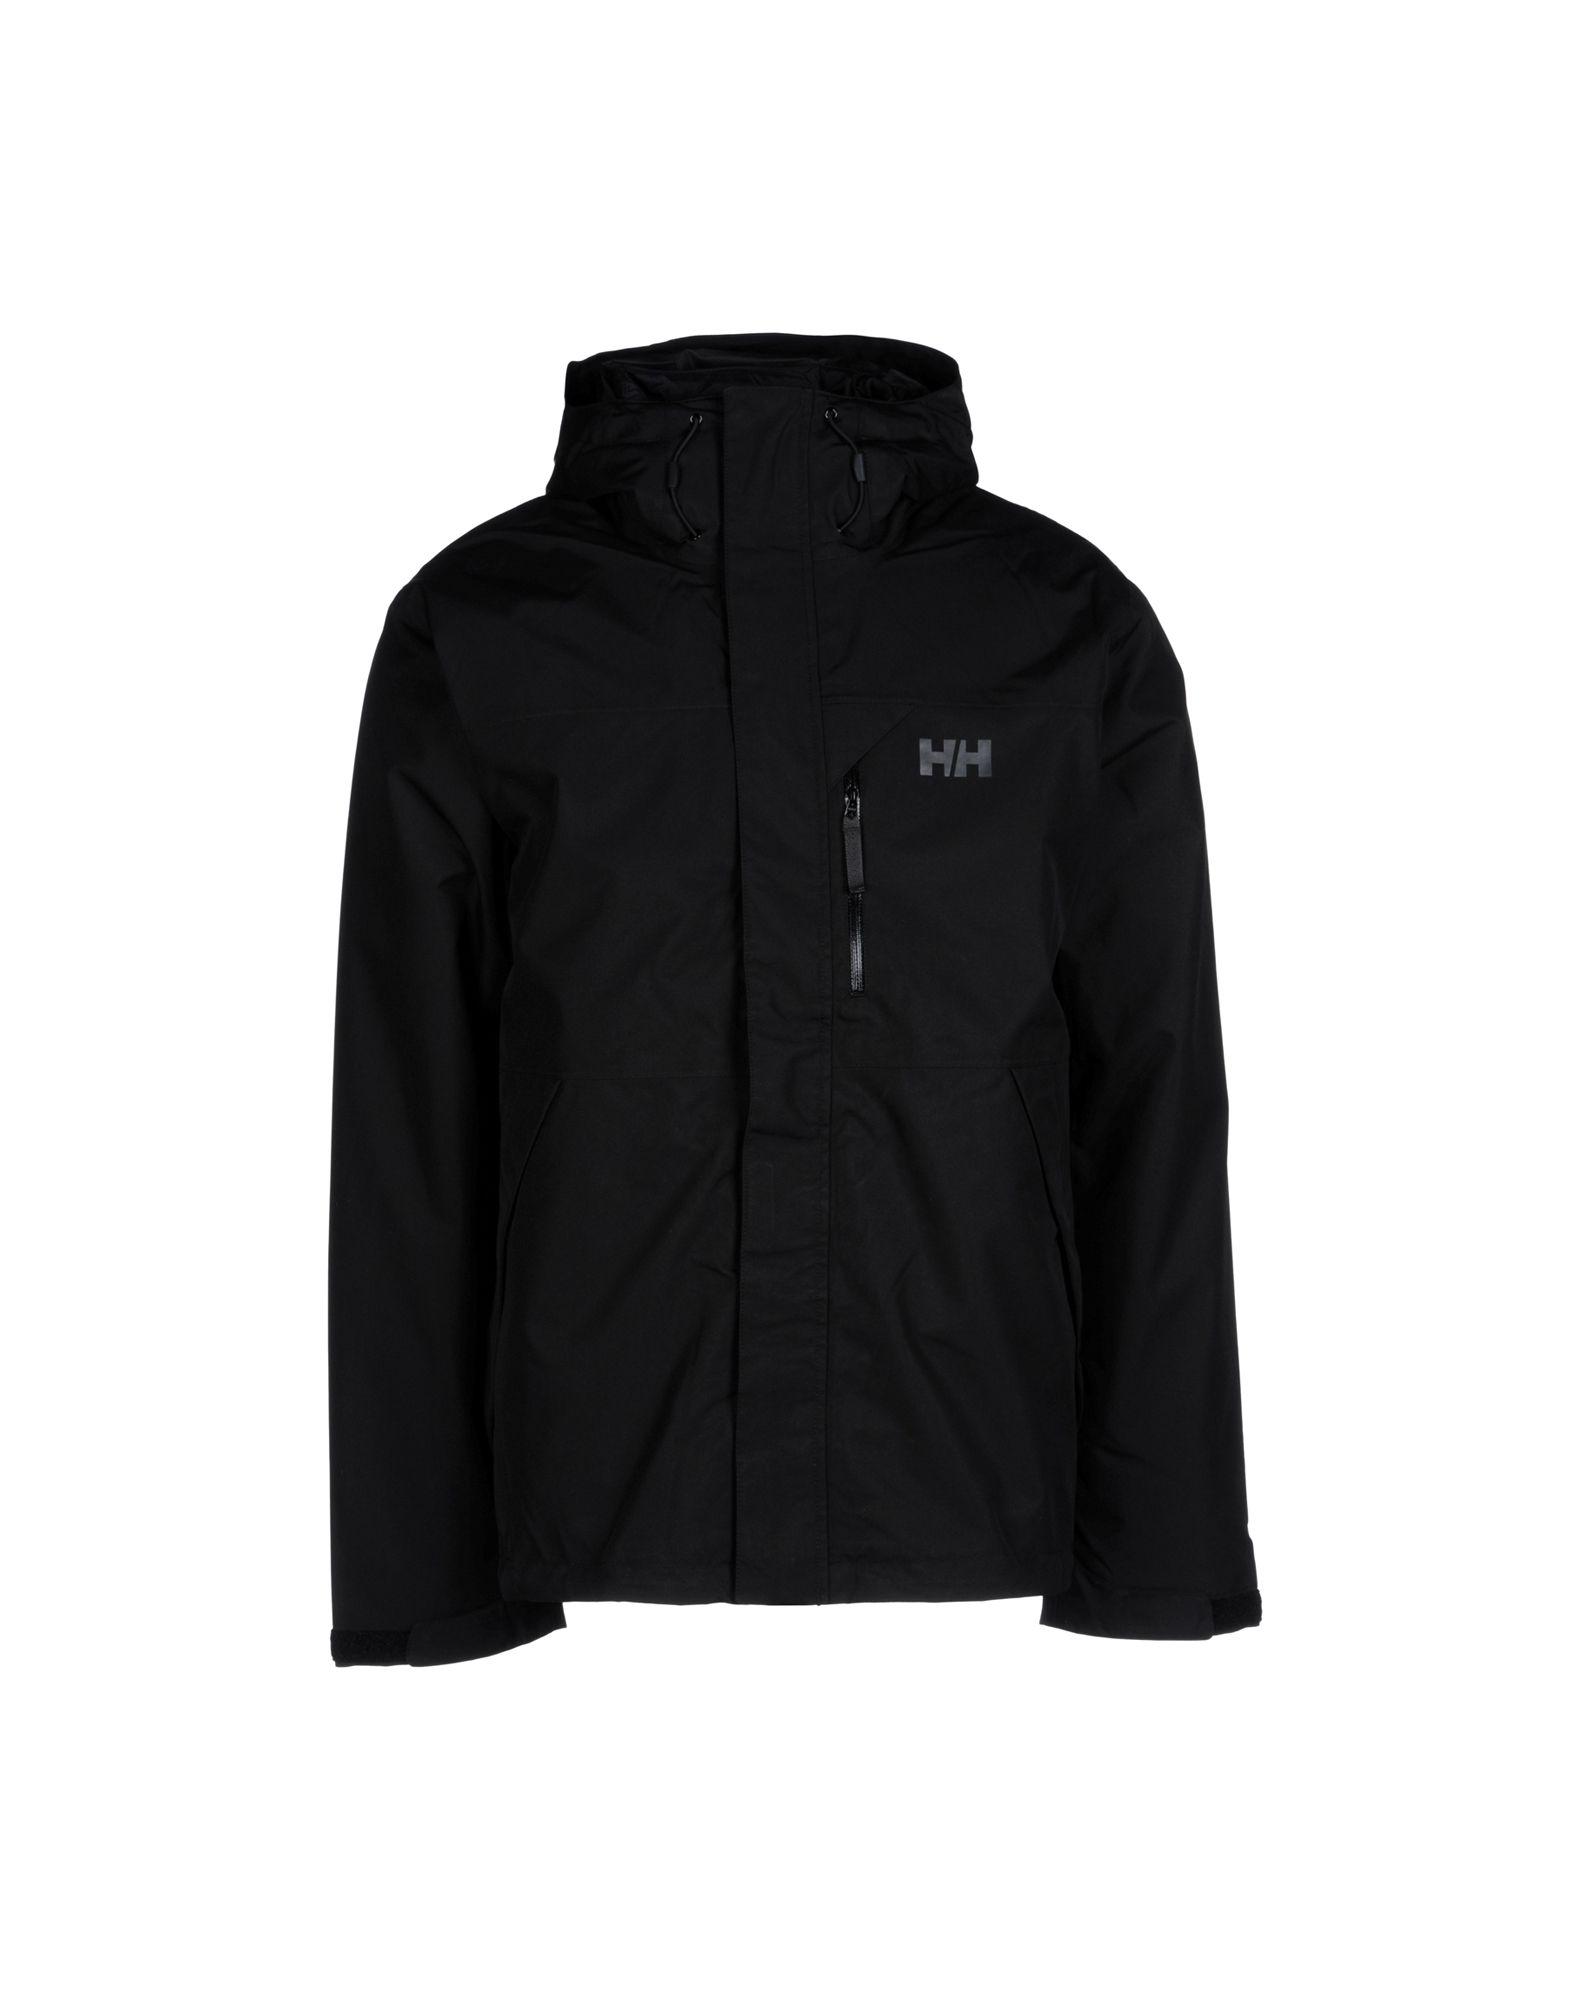 lyst helly hansen jacket in black for men. Black Bedroom Furniture Sets. Home Design Ideas